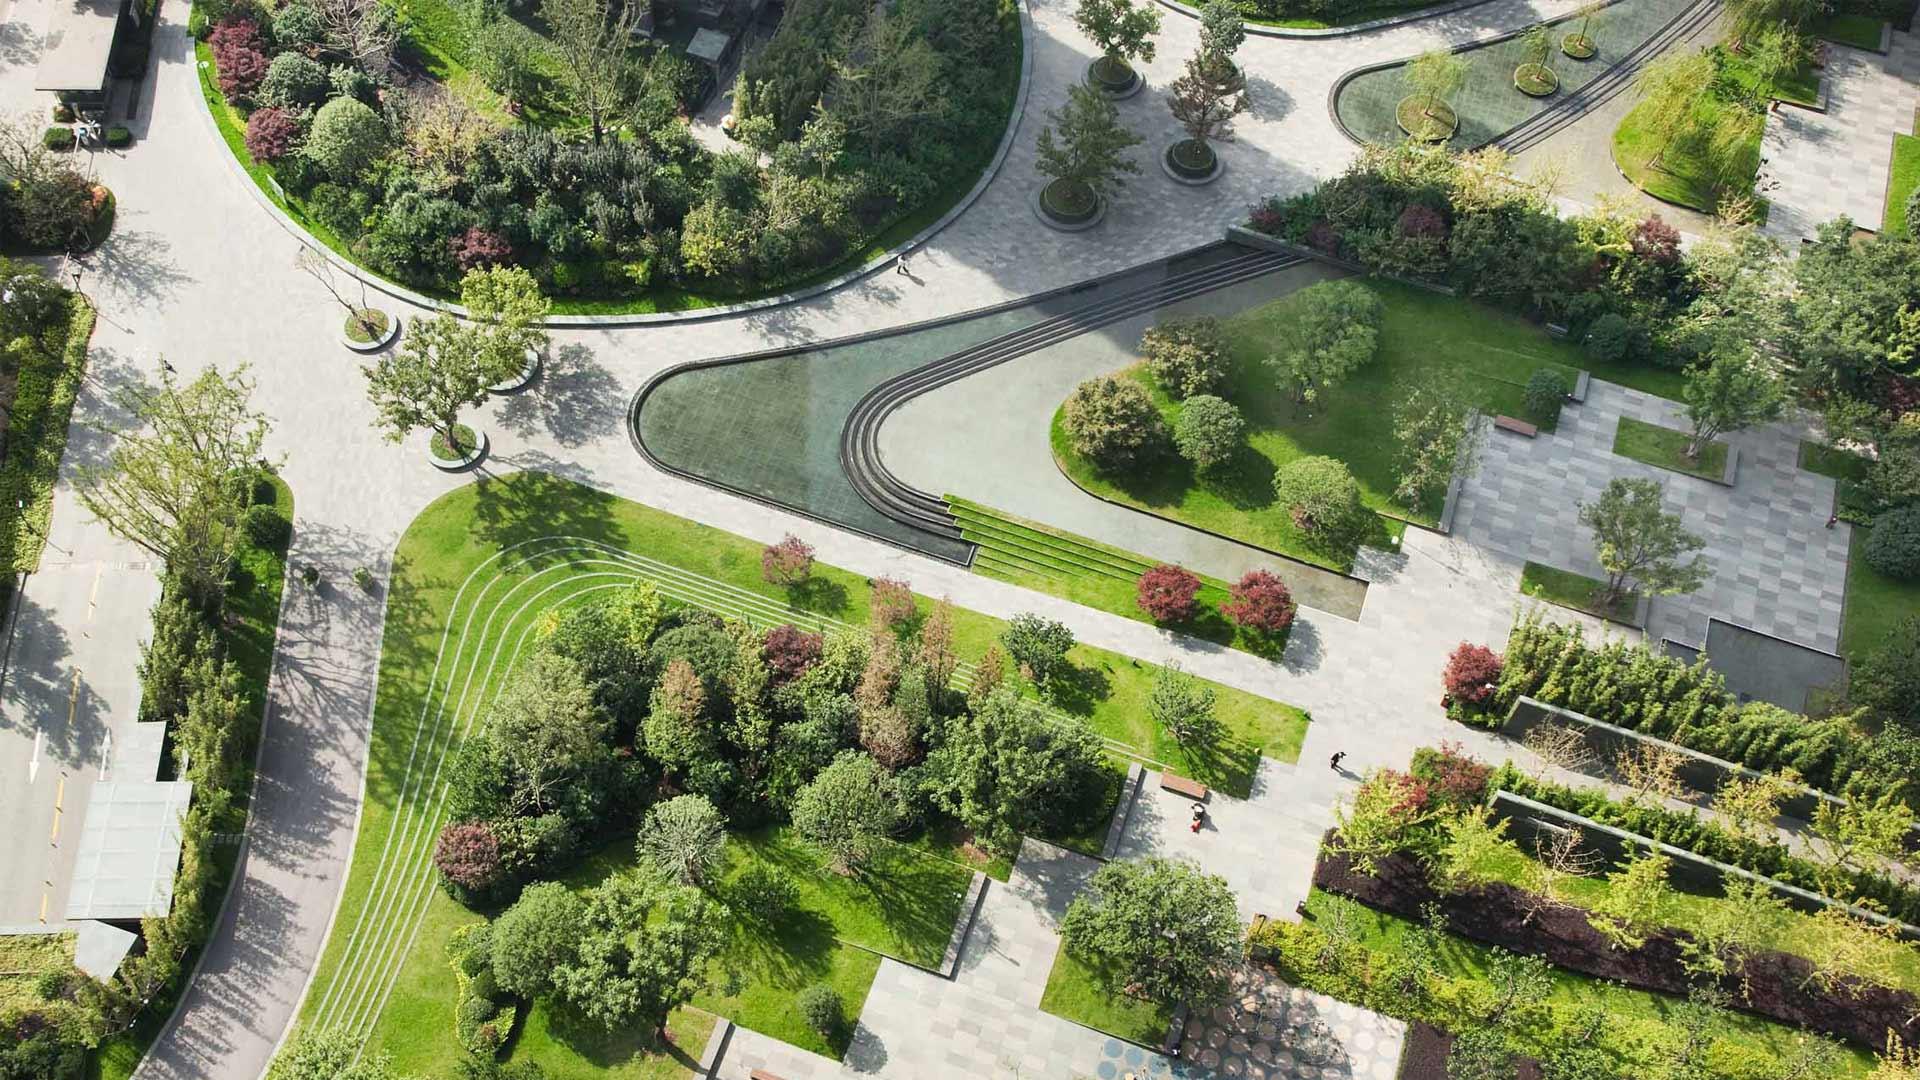 10 lý do tại sao kiến trúc cảnh quan quan trọng đối với môi trường